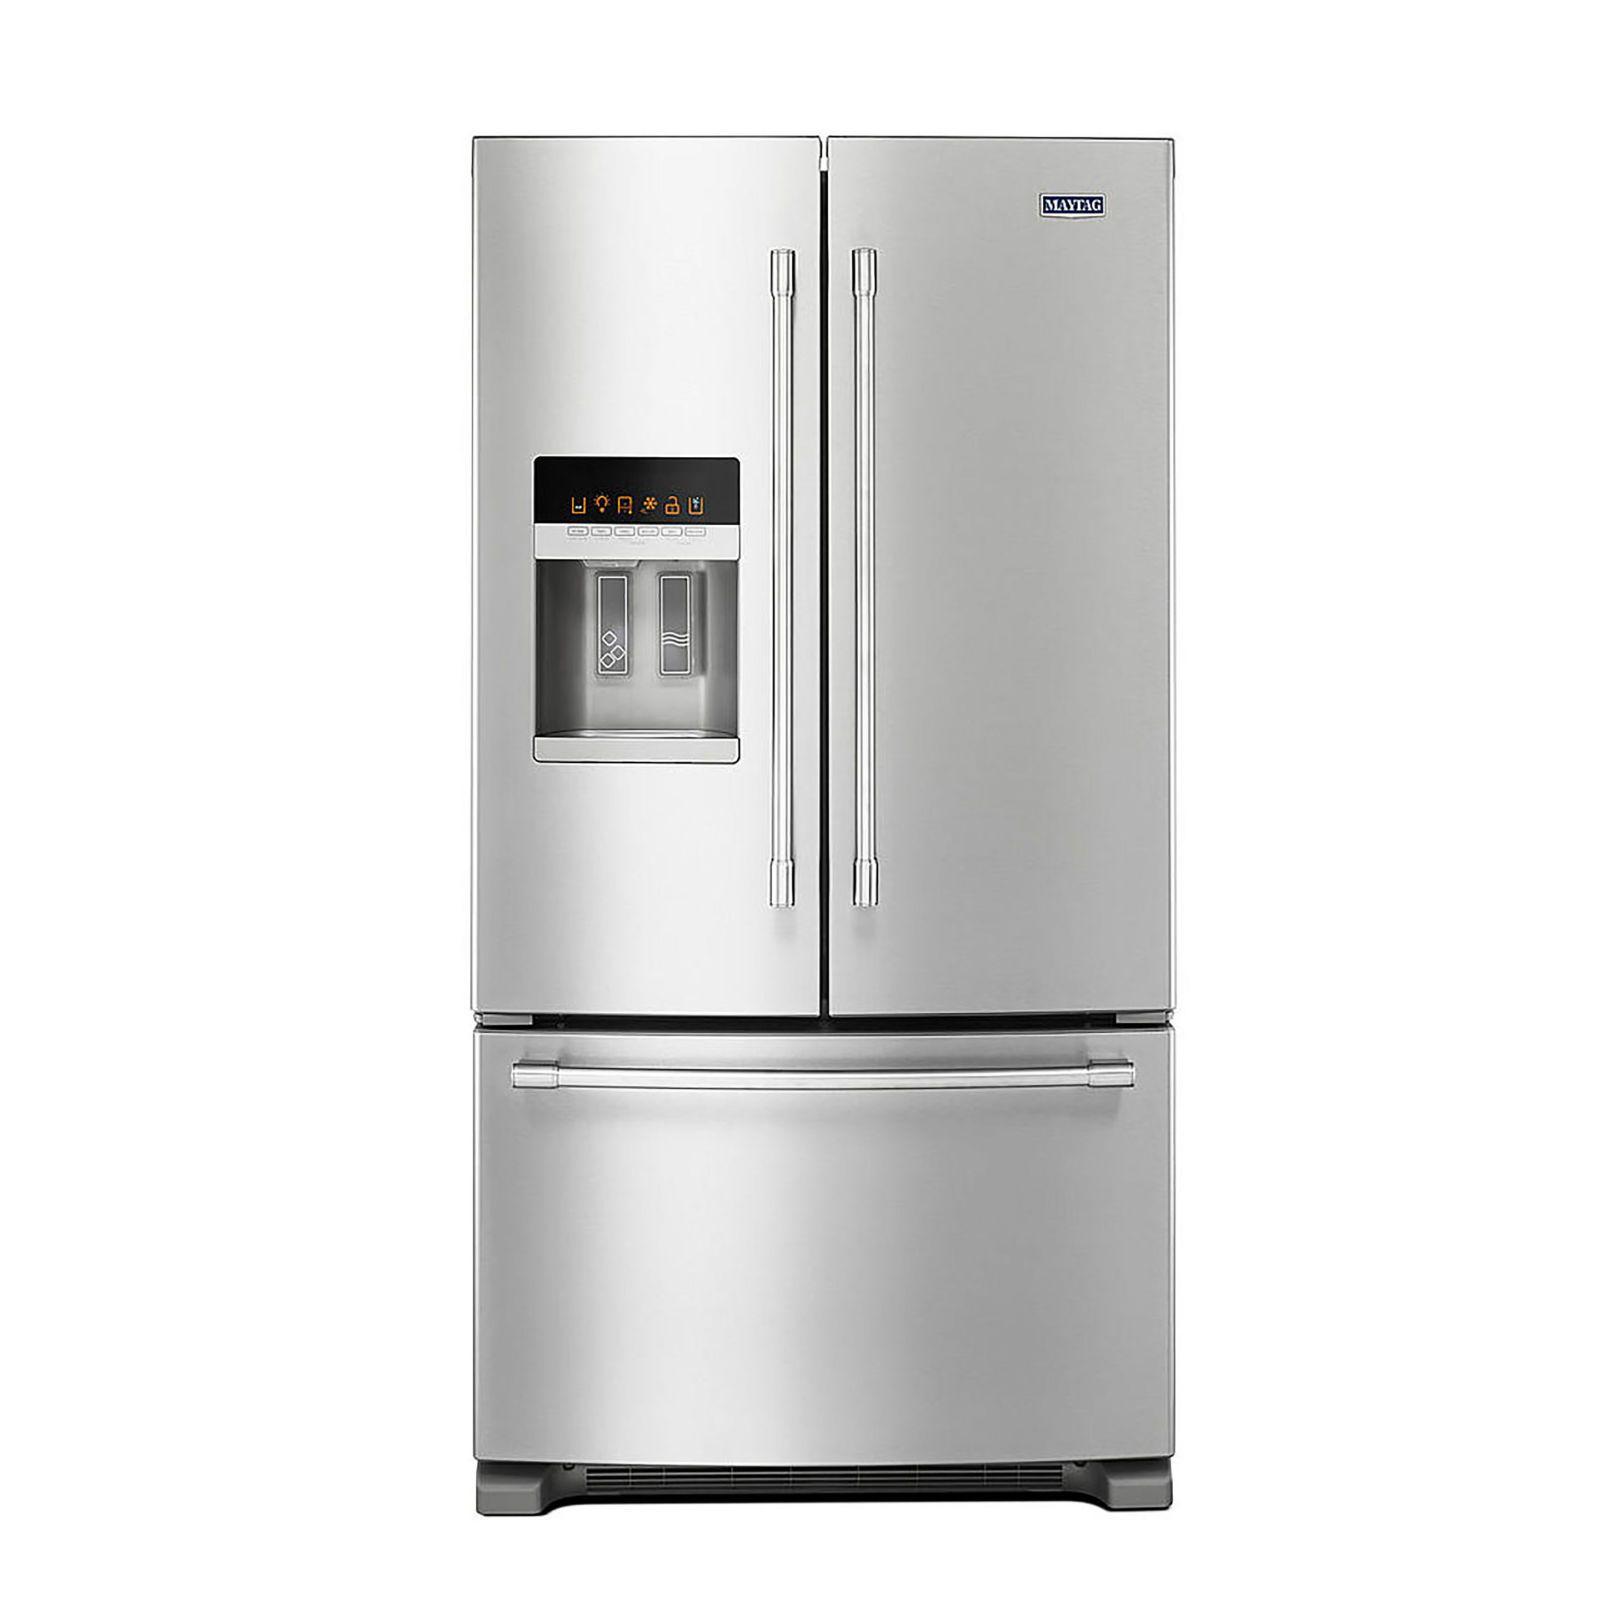 Maytag french door refrigerator 25 cu ft mfi2570fez01